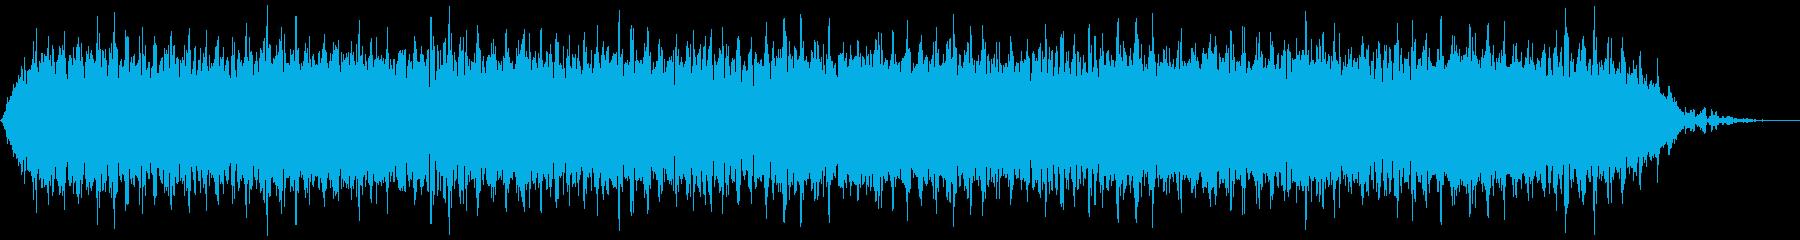 【アンビエント】ドローン_29 実験音の再生済みの波形